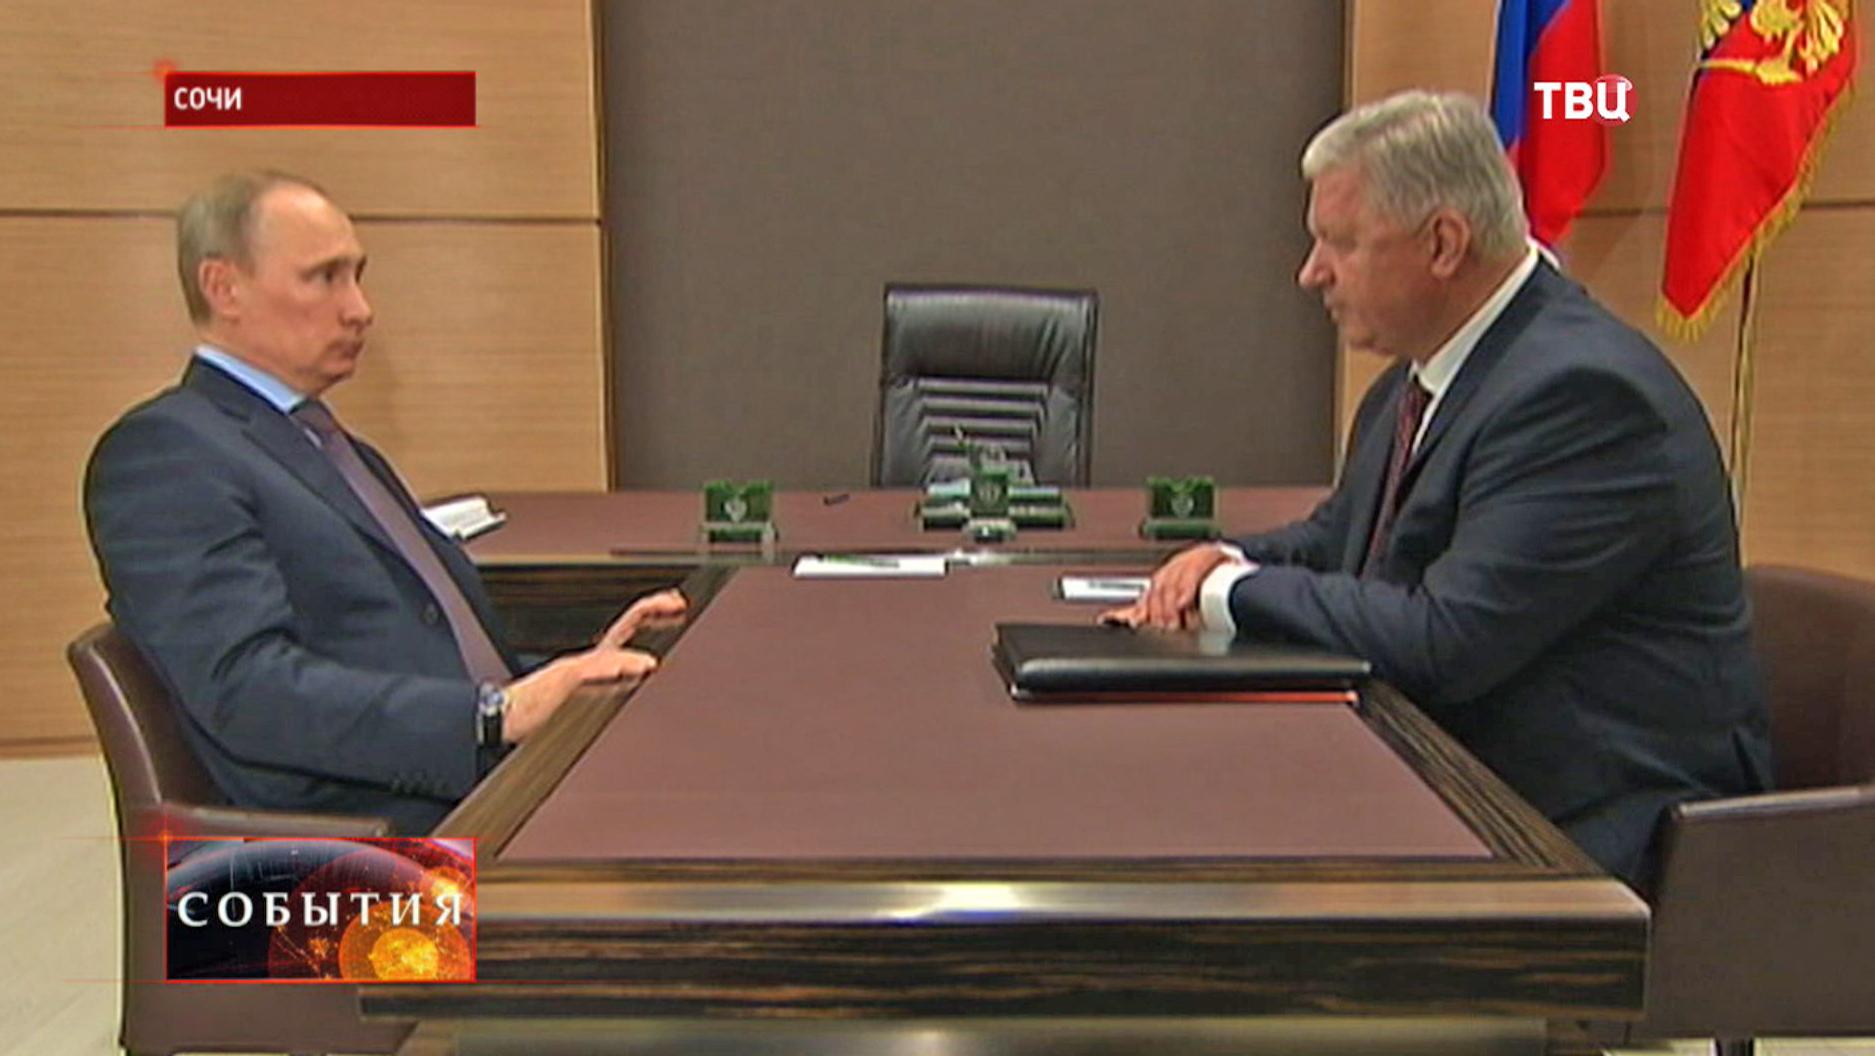 Владимир Путин на встрече с главой Федерации независимых профсоюзов России Михаилом Шмаковым